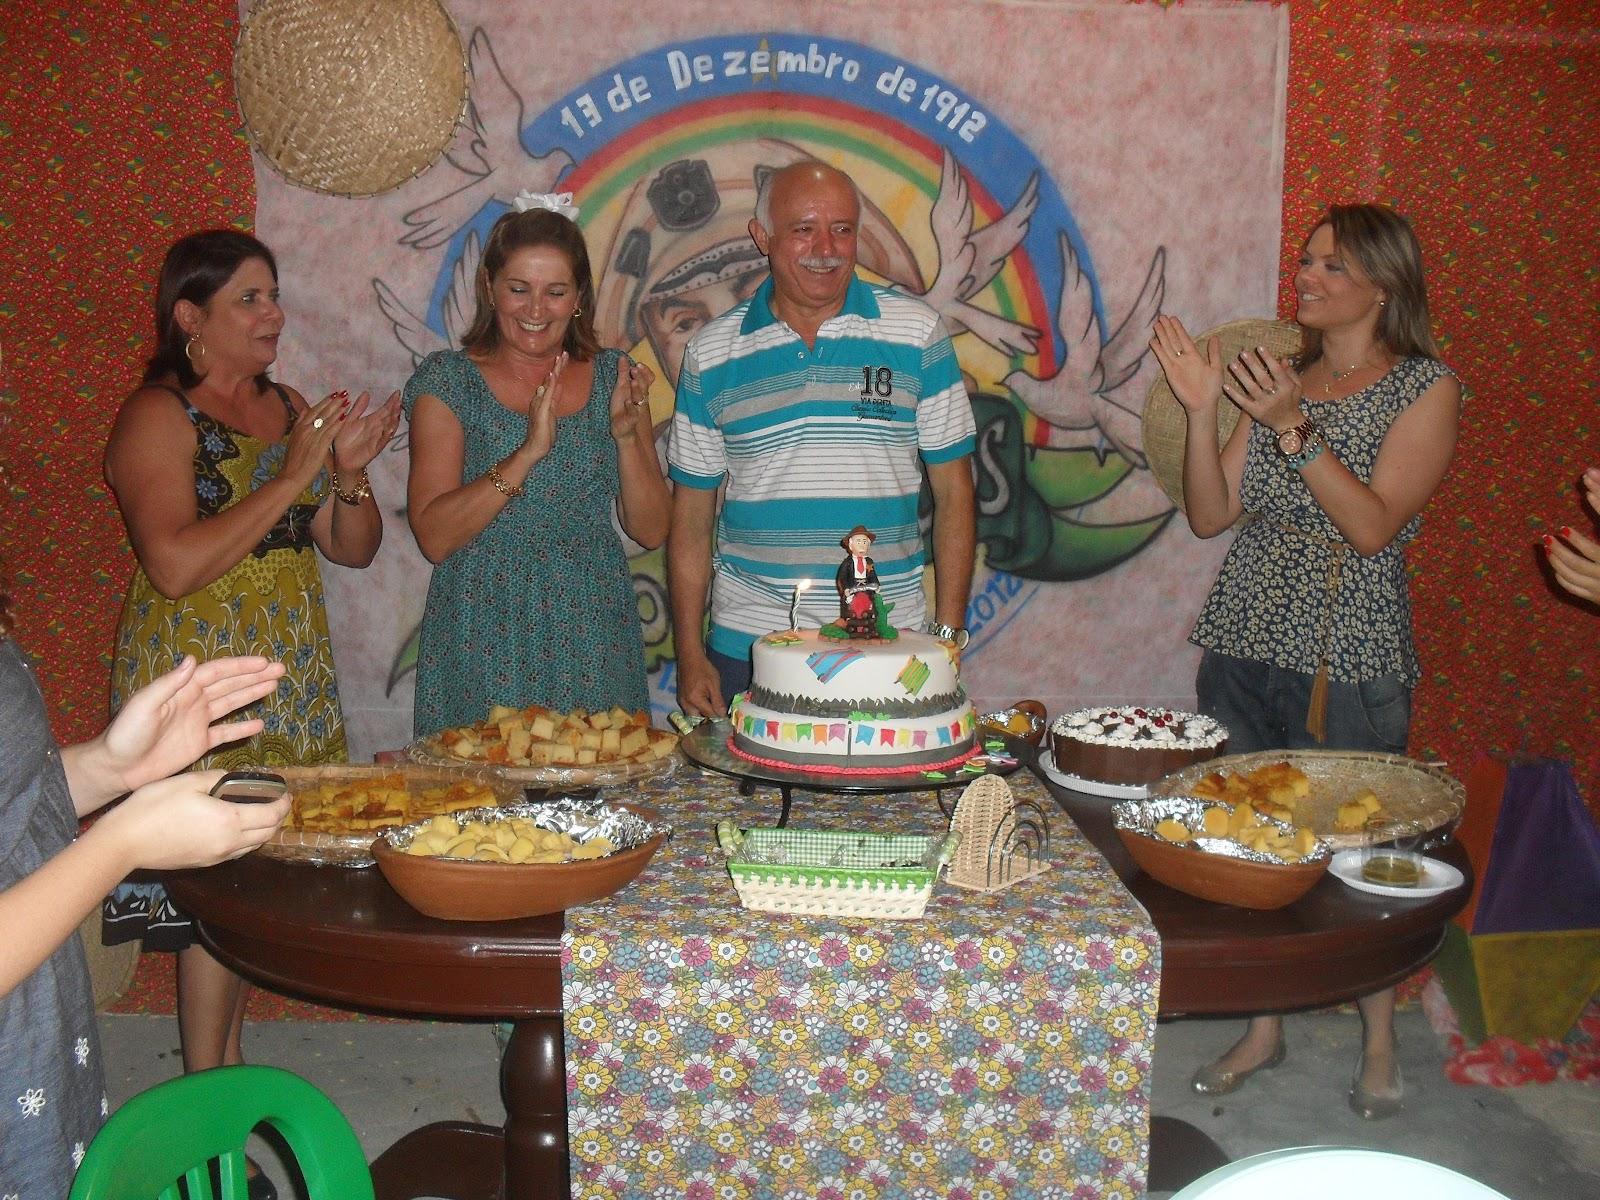 Max Weber Festa surpresa no aniversário do prefeito de Nova Russas